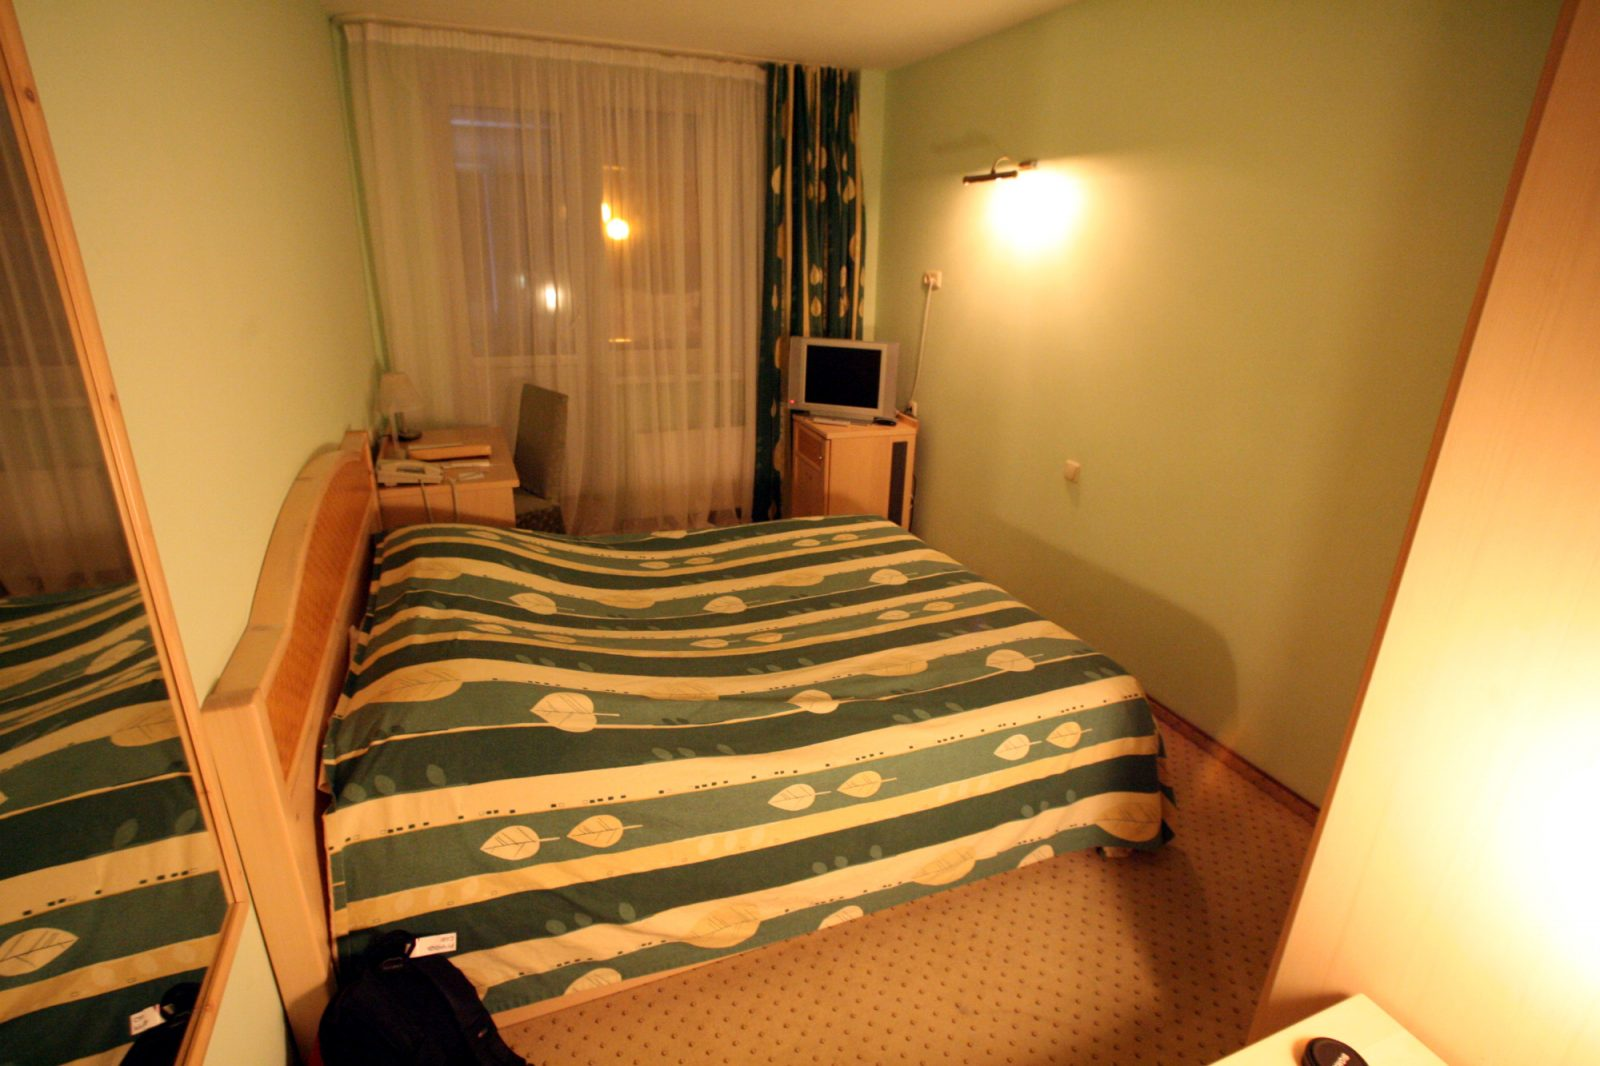 гостиница хостел кровать